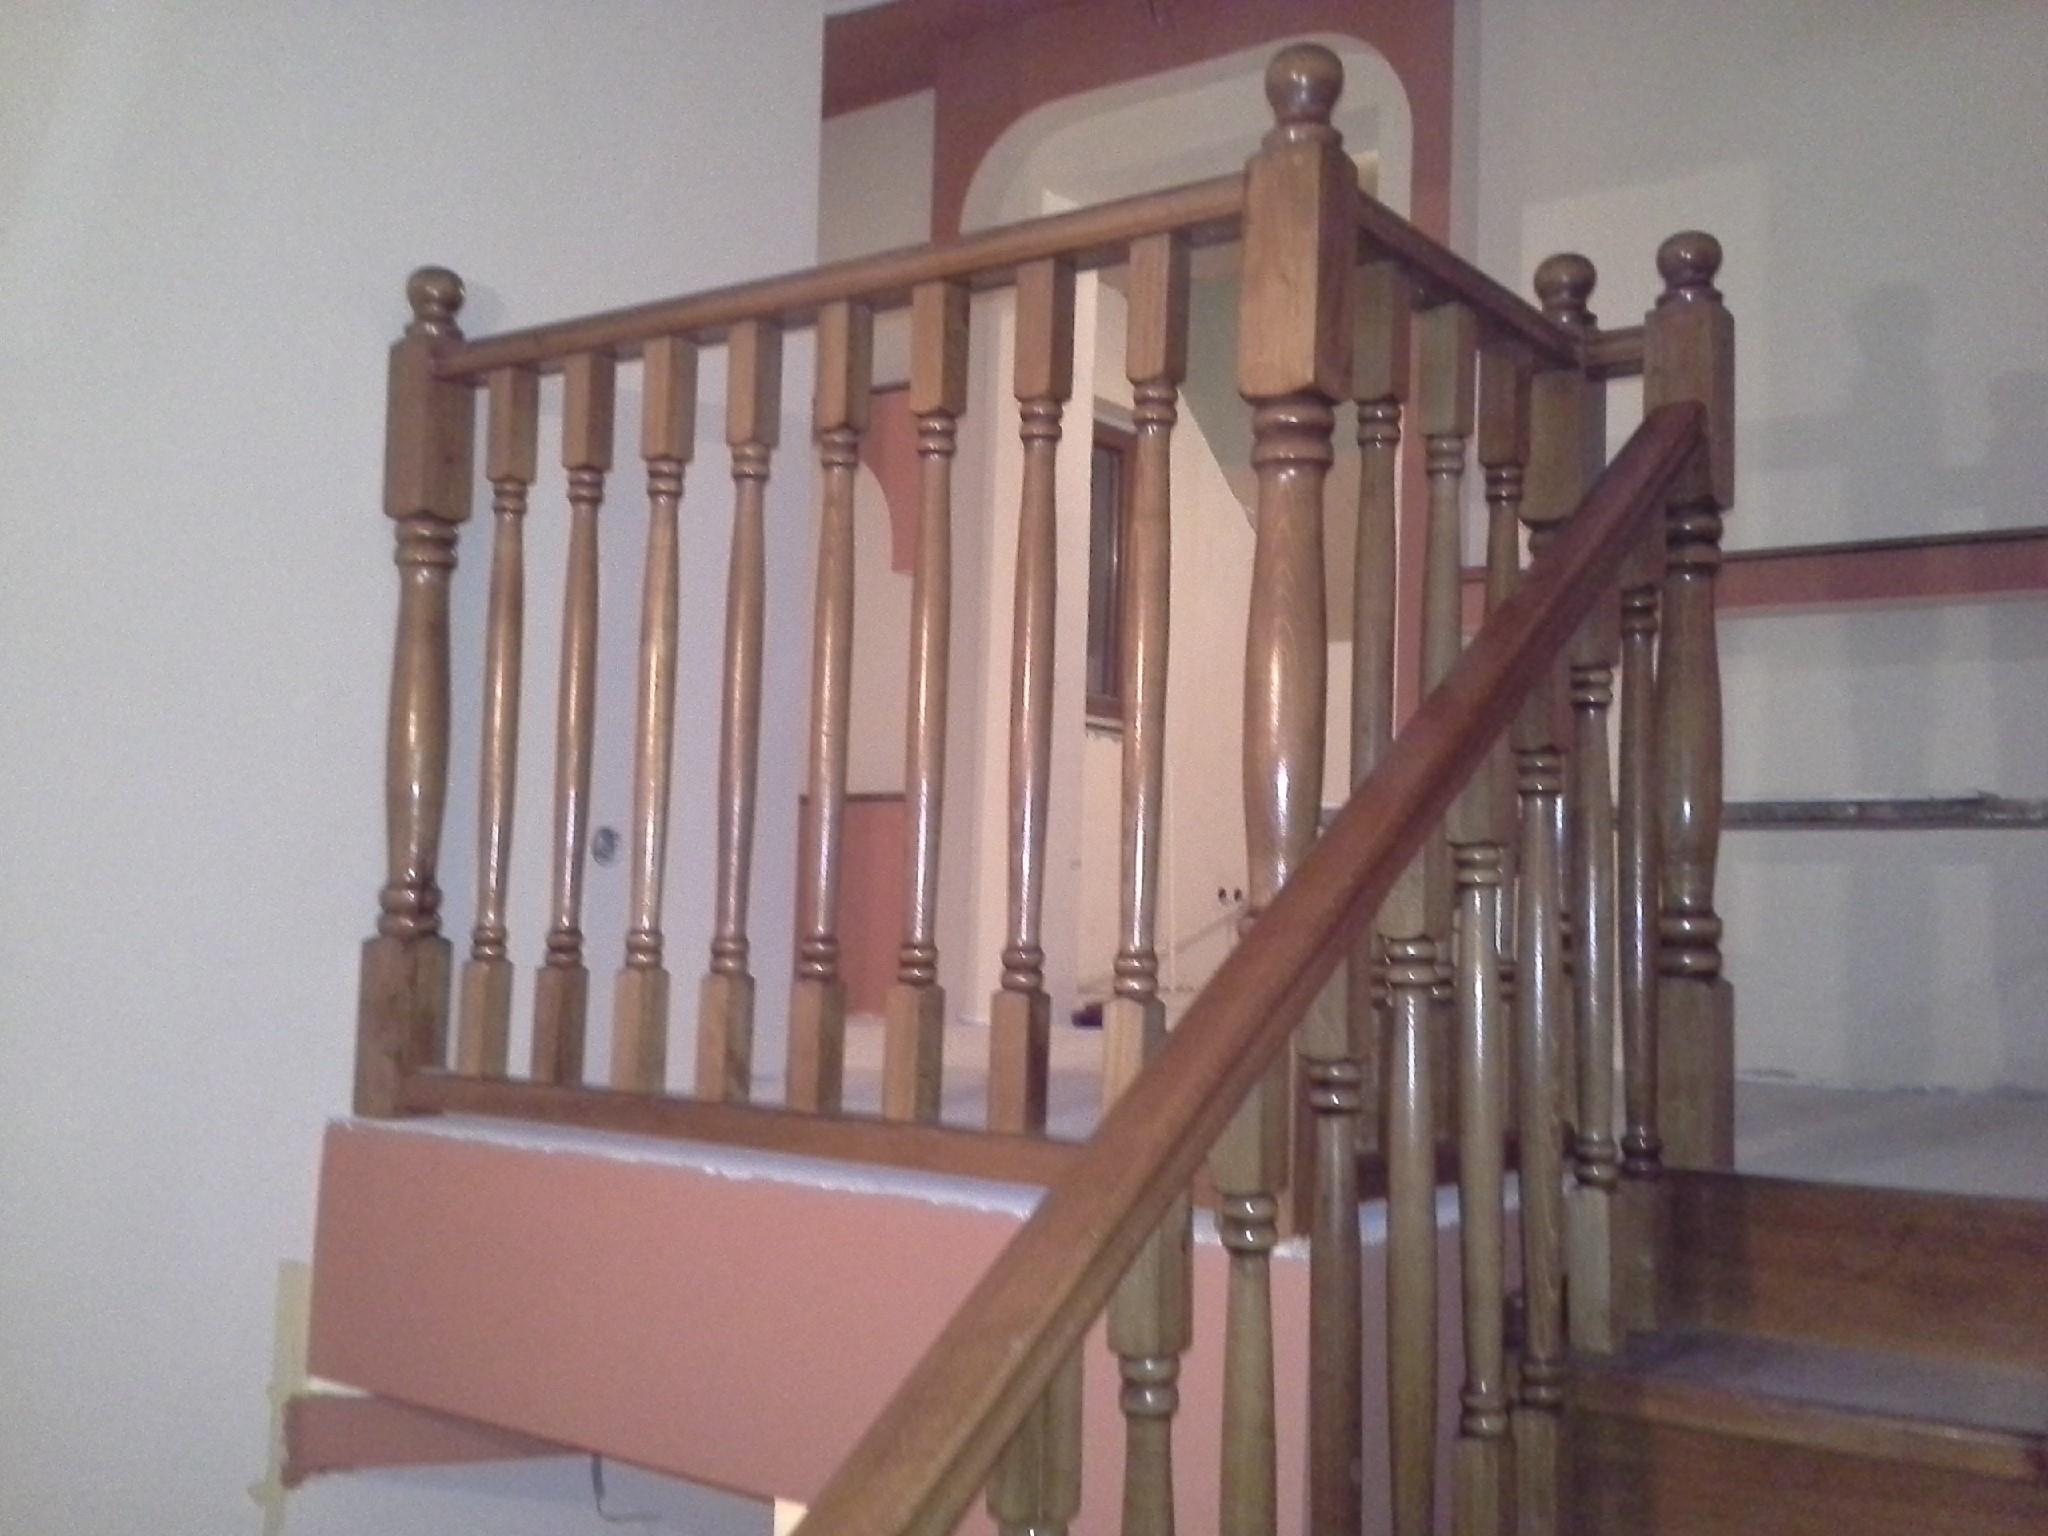 Placare scara din beton cu trepte si contratrepte din fag aburit, balustri strunjiti totul baituit culoare stejar auriu - strunjit